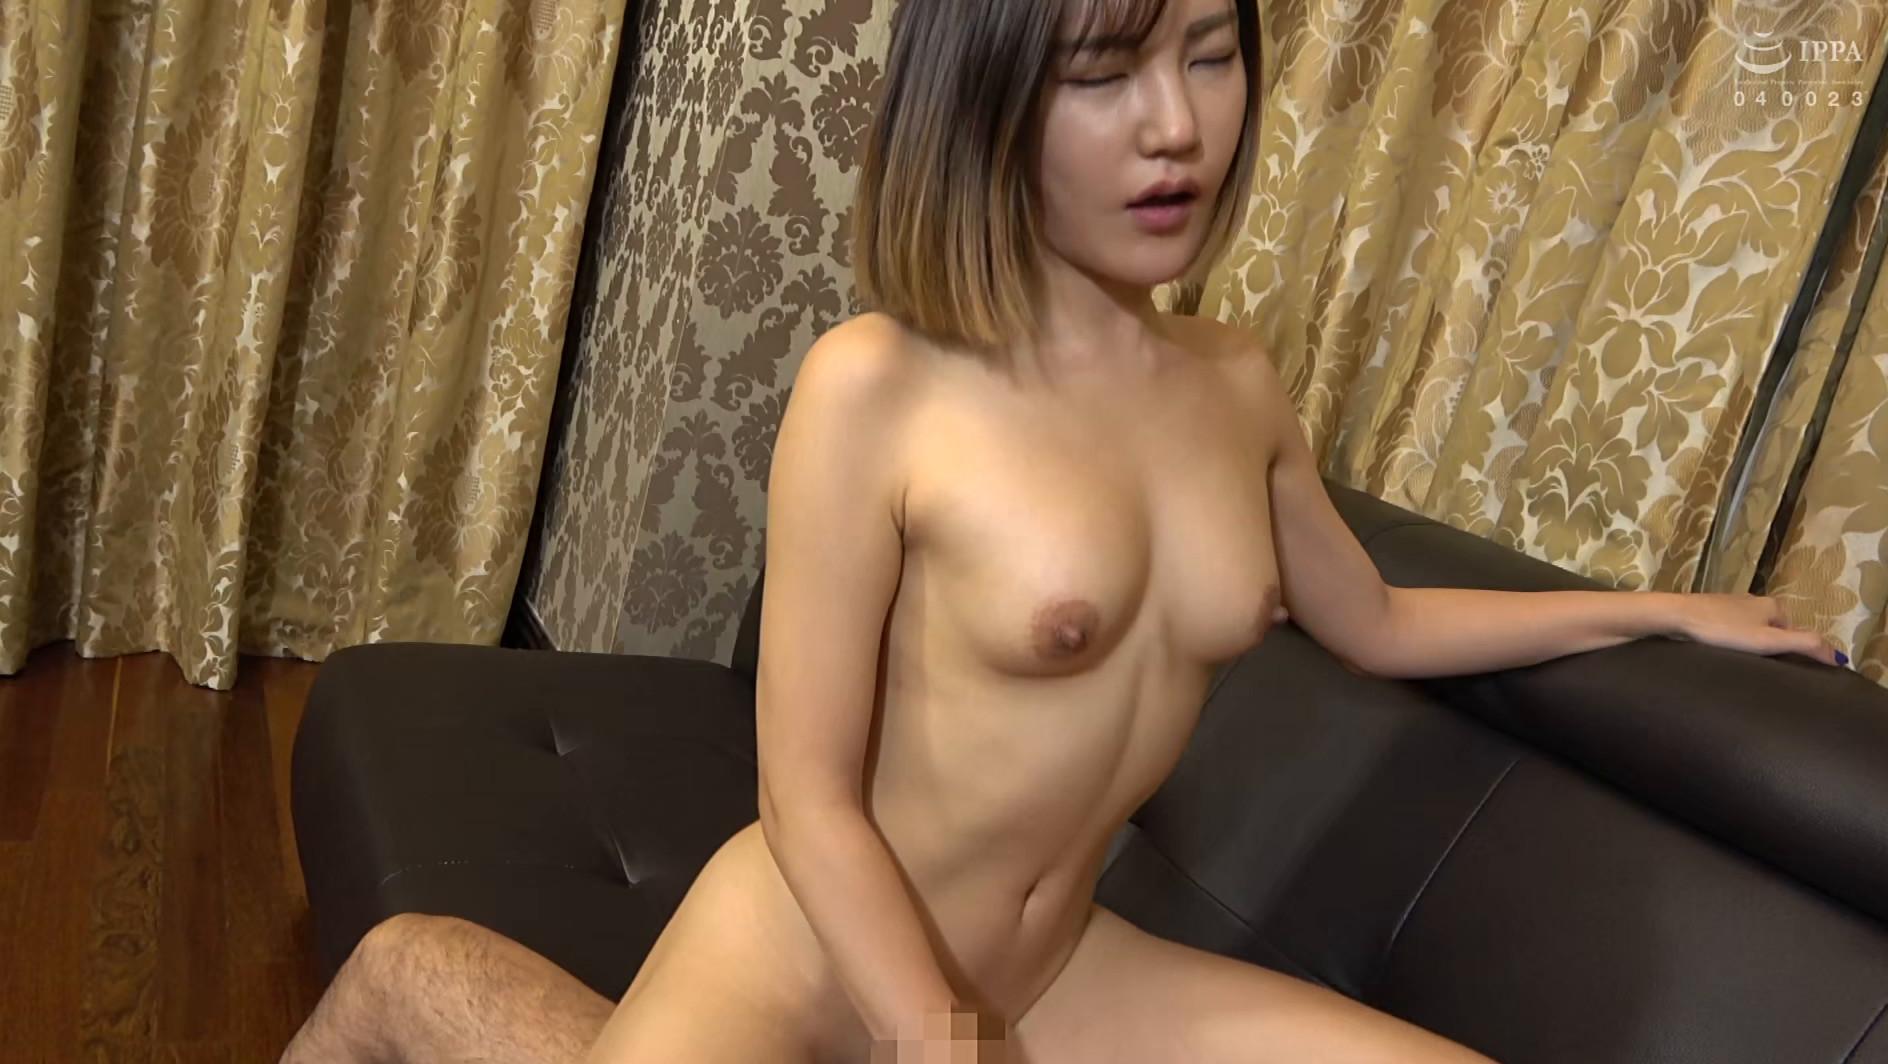 まるで設定6のスロットみたい!韓国で遭遇したヤリマン美女!セックスが好き過ぎて日本人のペニスに興味津々!圧倒的な美脚騎乗位でザー汁を絞り出されてスッキリ! 画像10